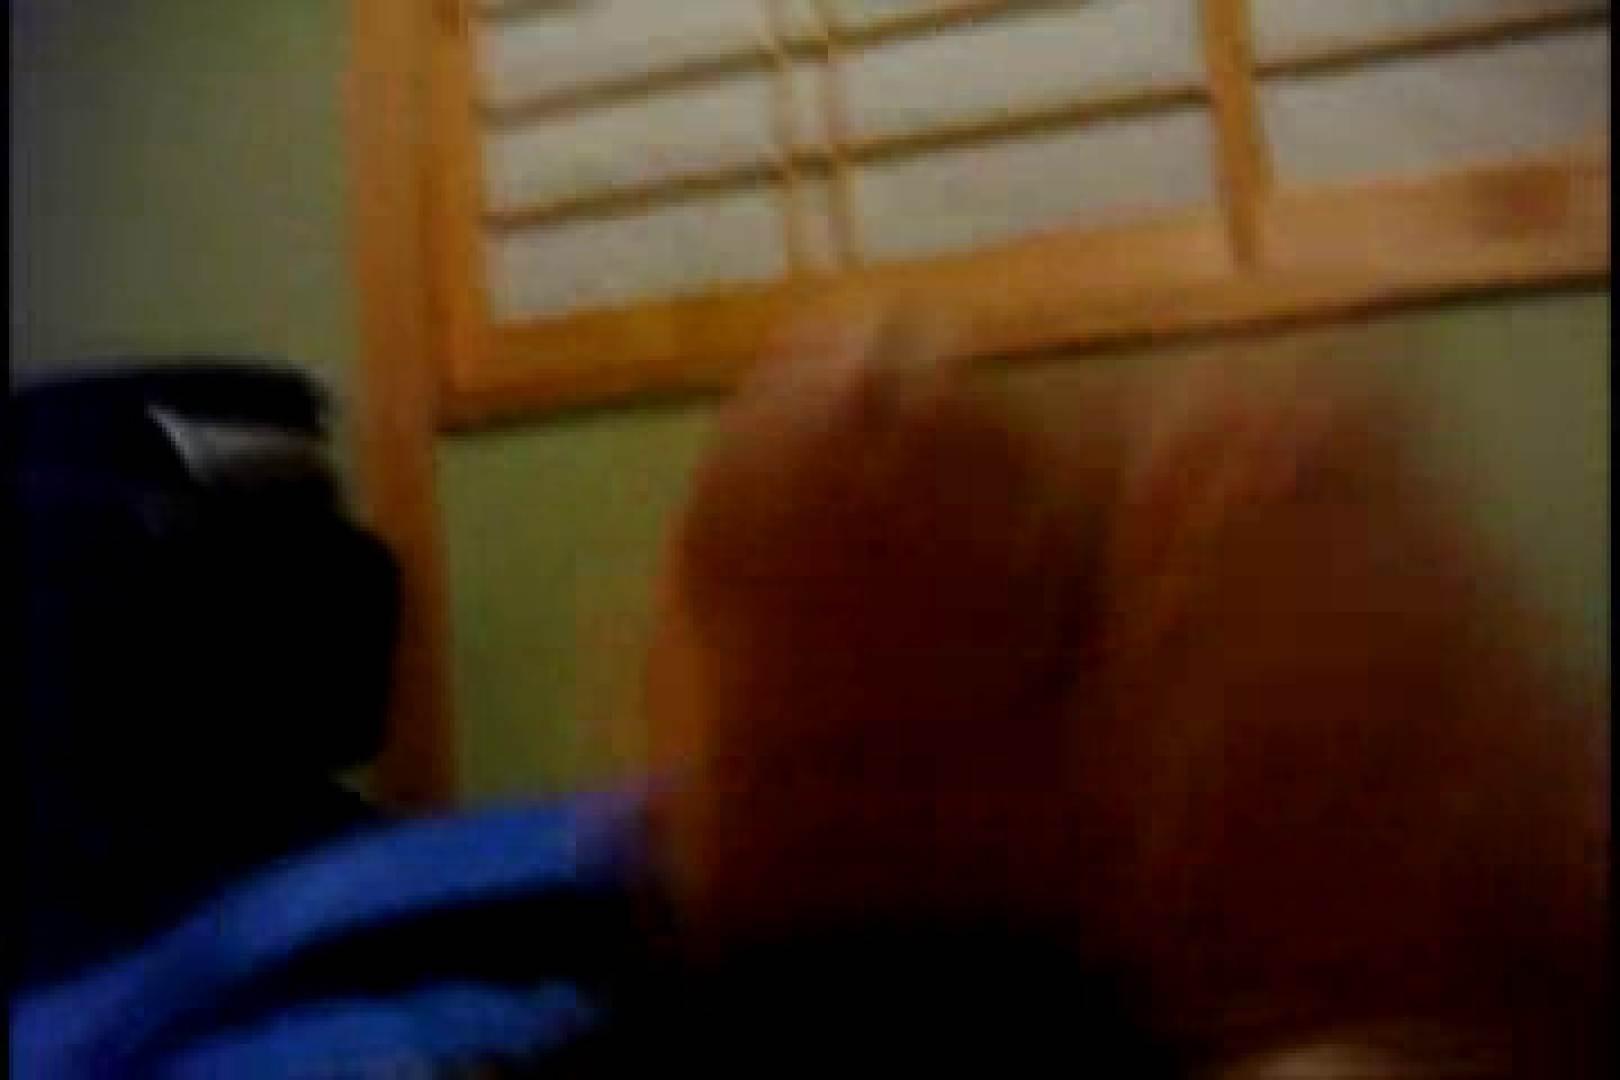 オナ好きノンケテニス部員の自画撮り投稿vol.02 射精 GAY無修正エロ動画 76枚 23